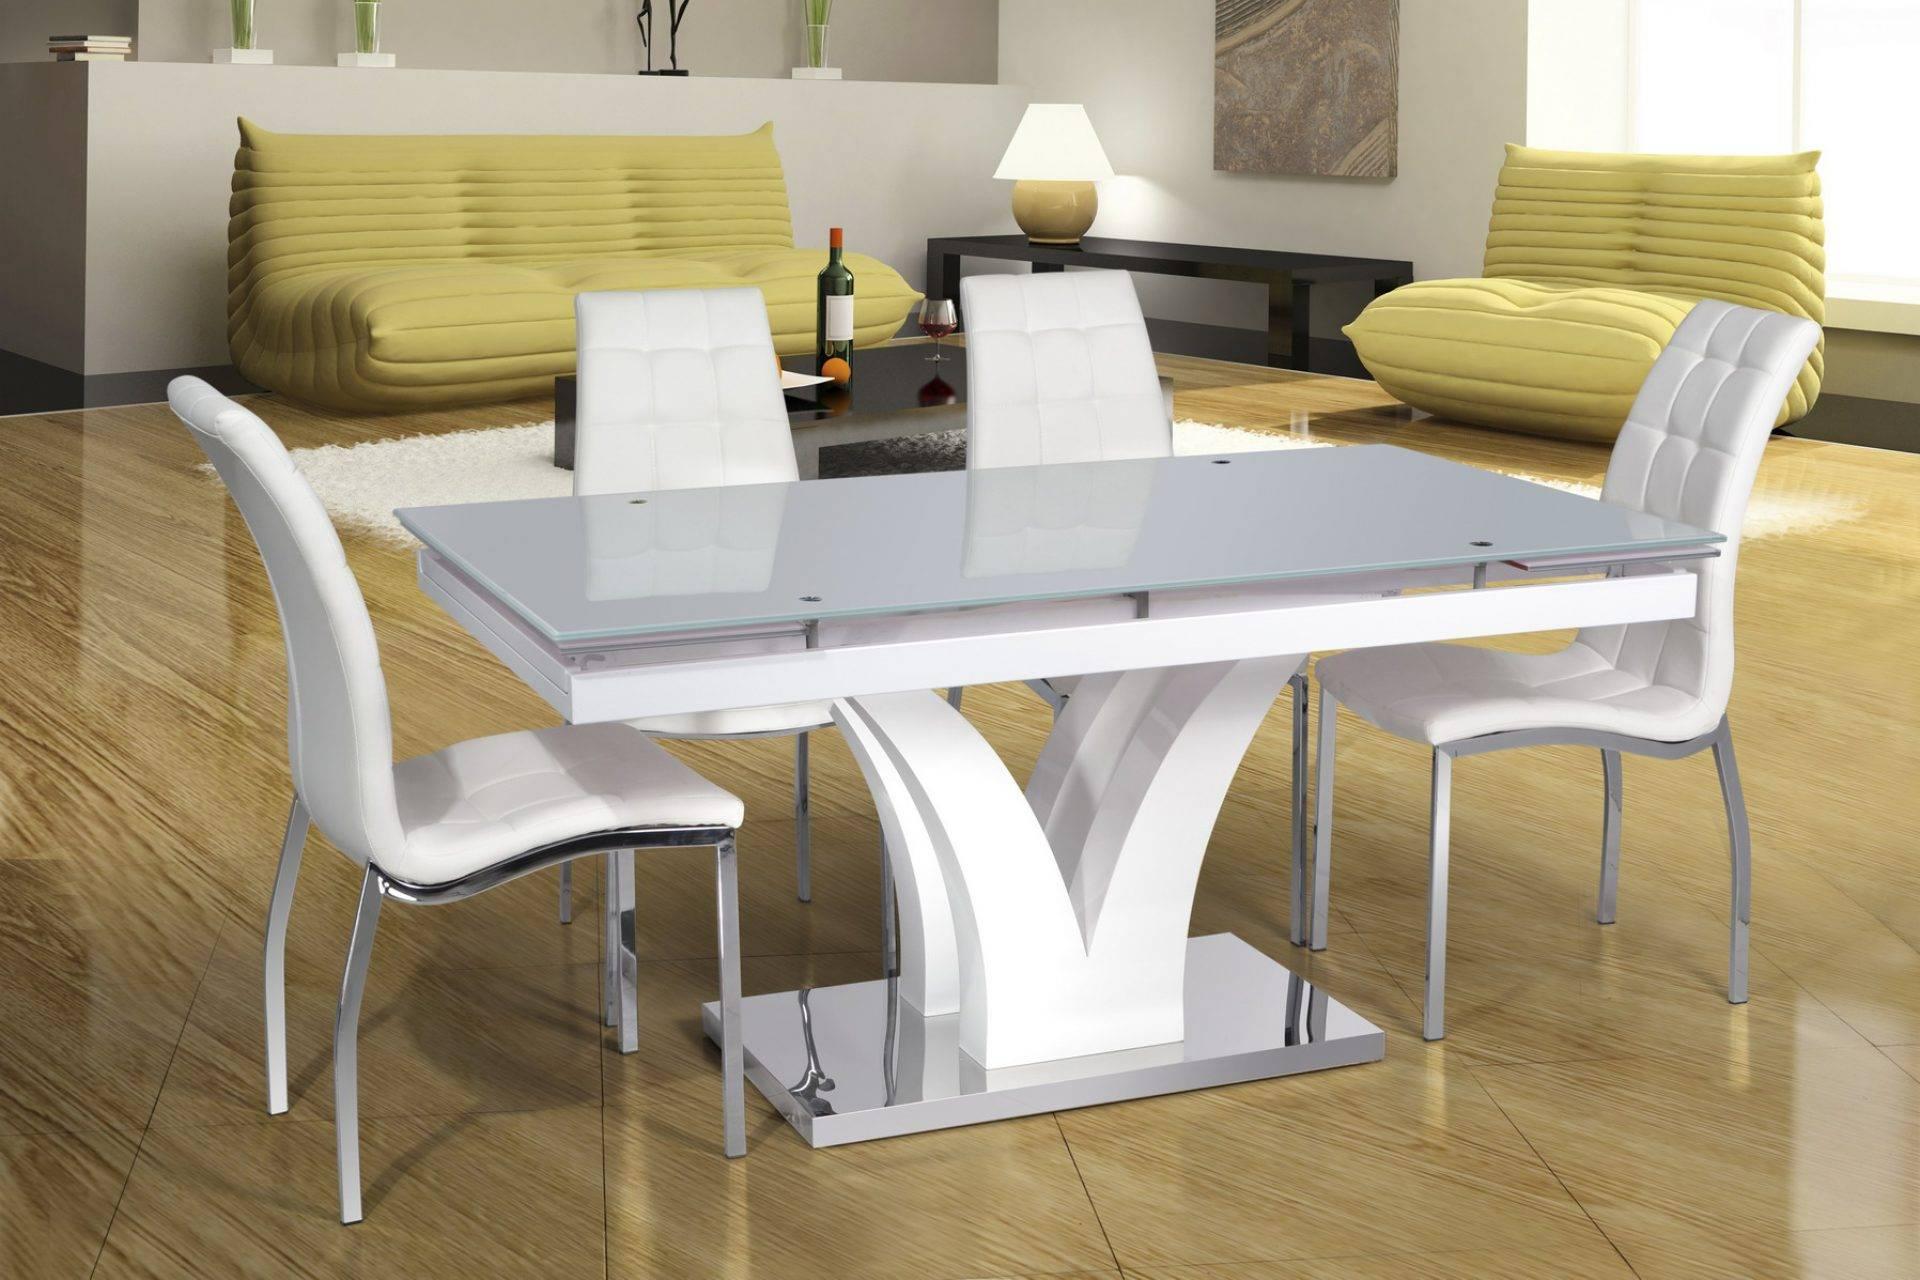 Раздвижной обеденный стол dt-43 esf белый купить по недорого.